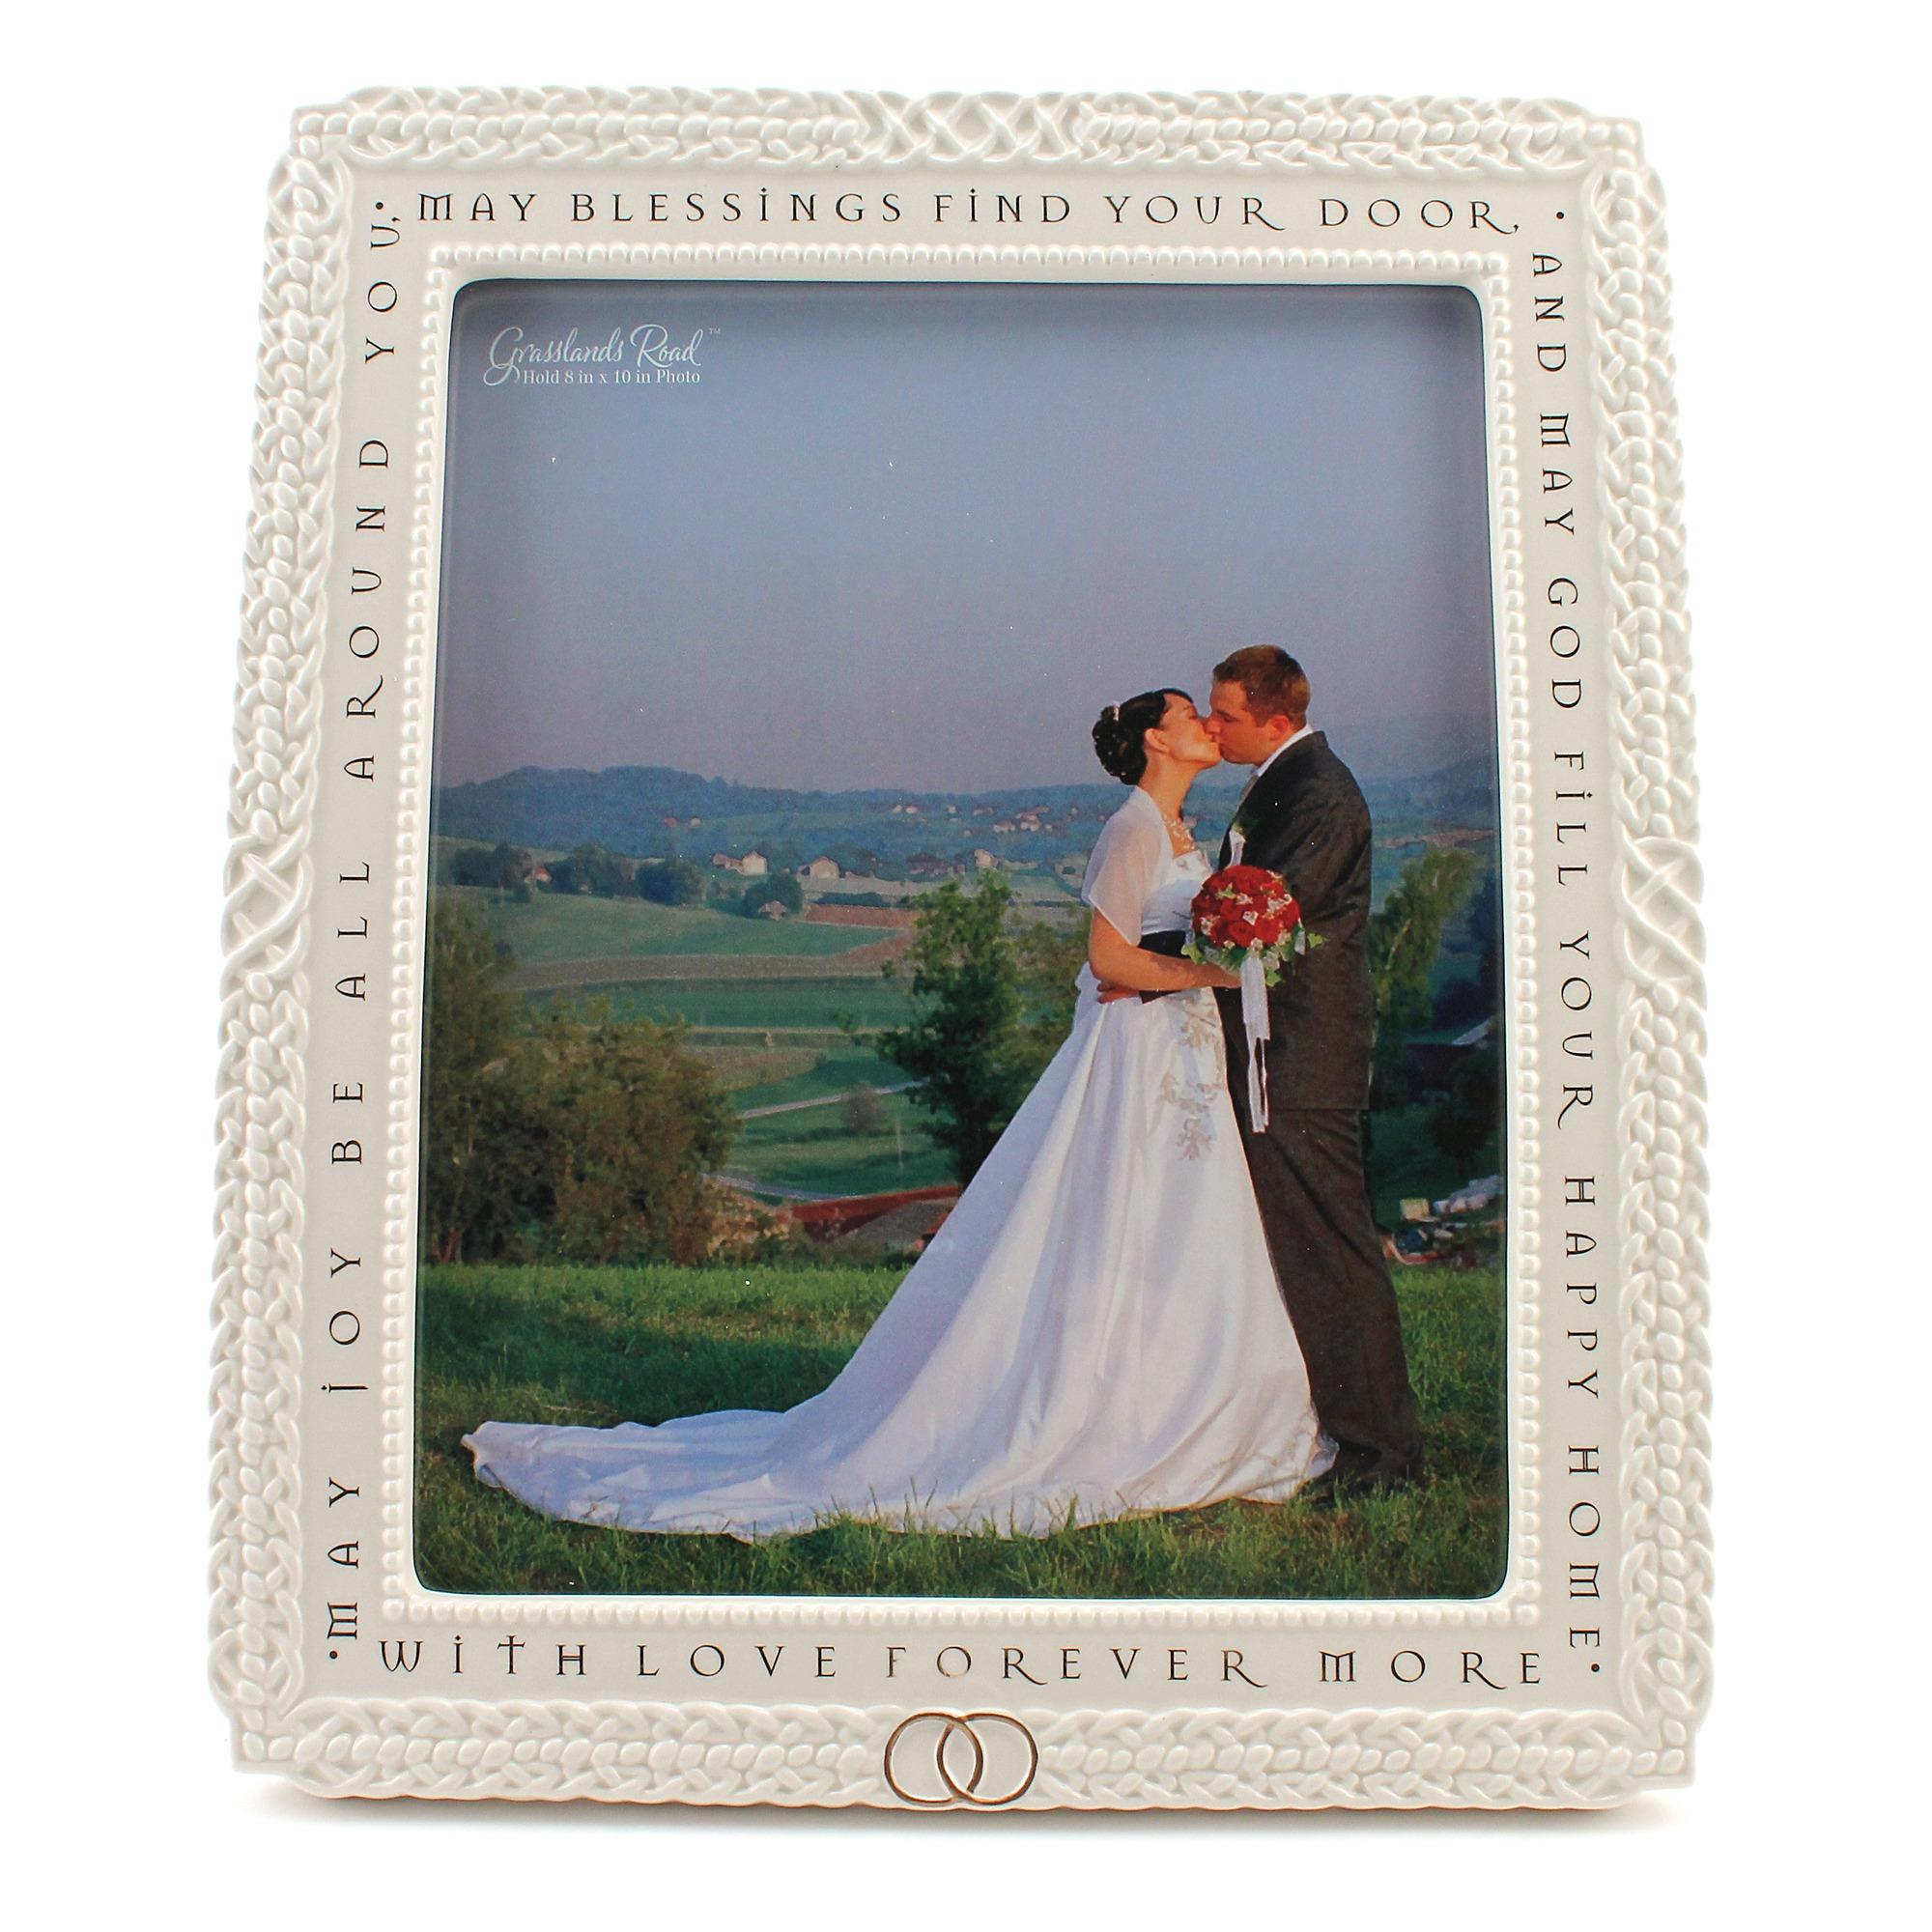 Irish Blessing Wedding Photo Frame | The Catholic Company